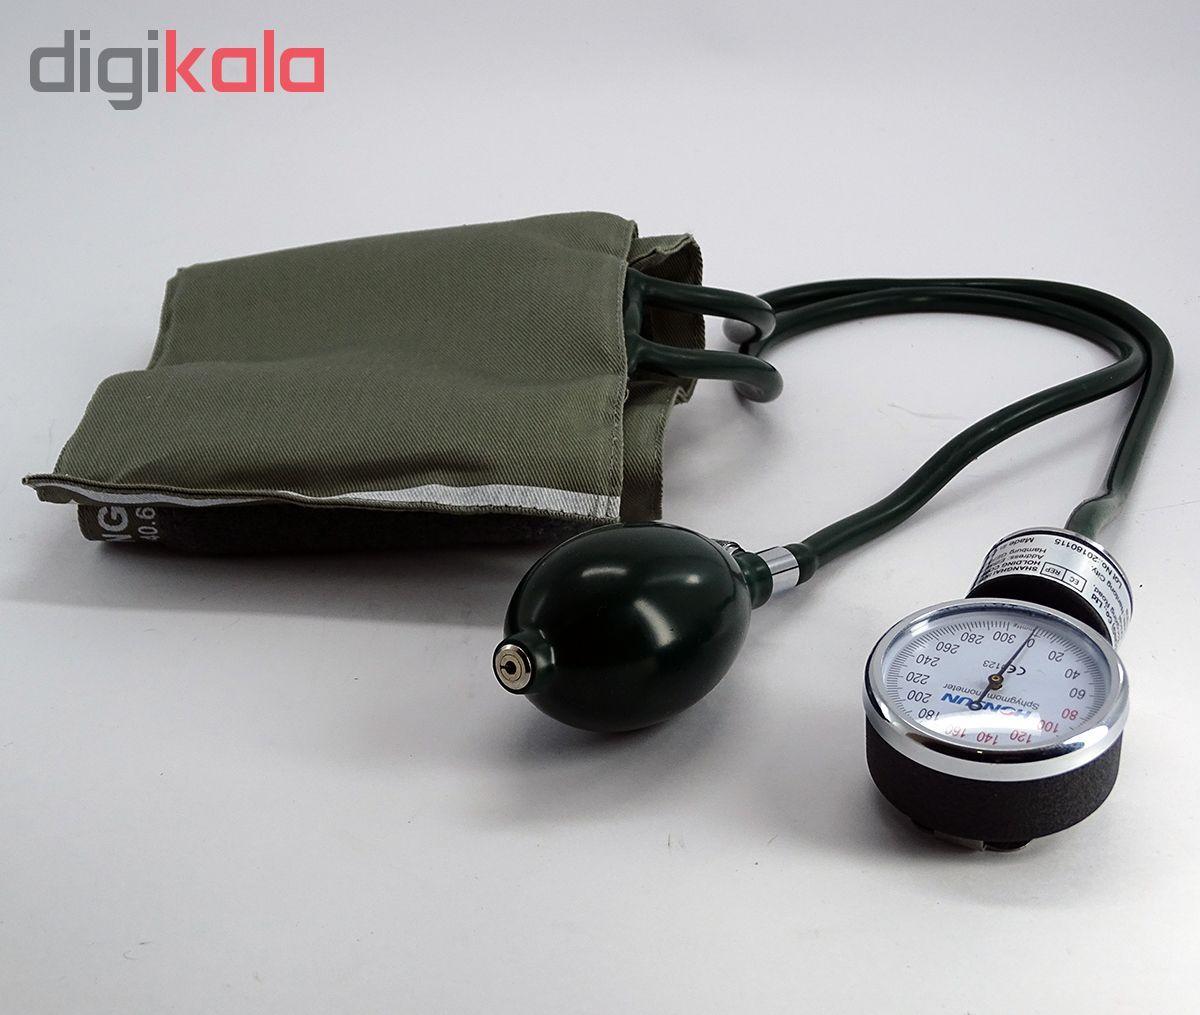 فشارسنج عقربه ای و گوشی پزشکی هانسون مدل وکتو main 1 6